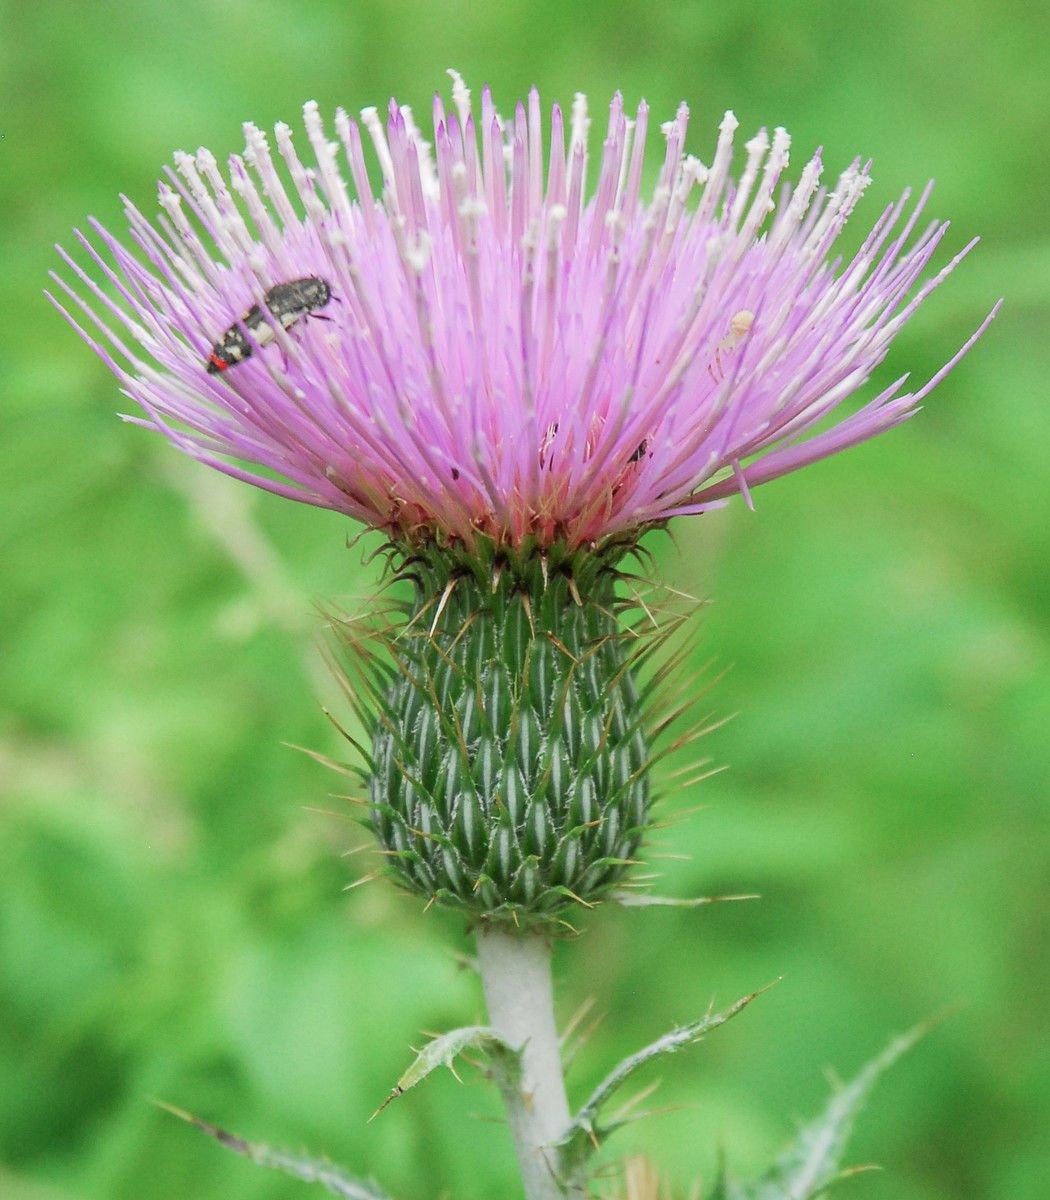 Thistles - prickly weed or precious resource? | La Vida | taosnews.com